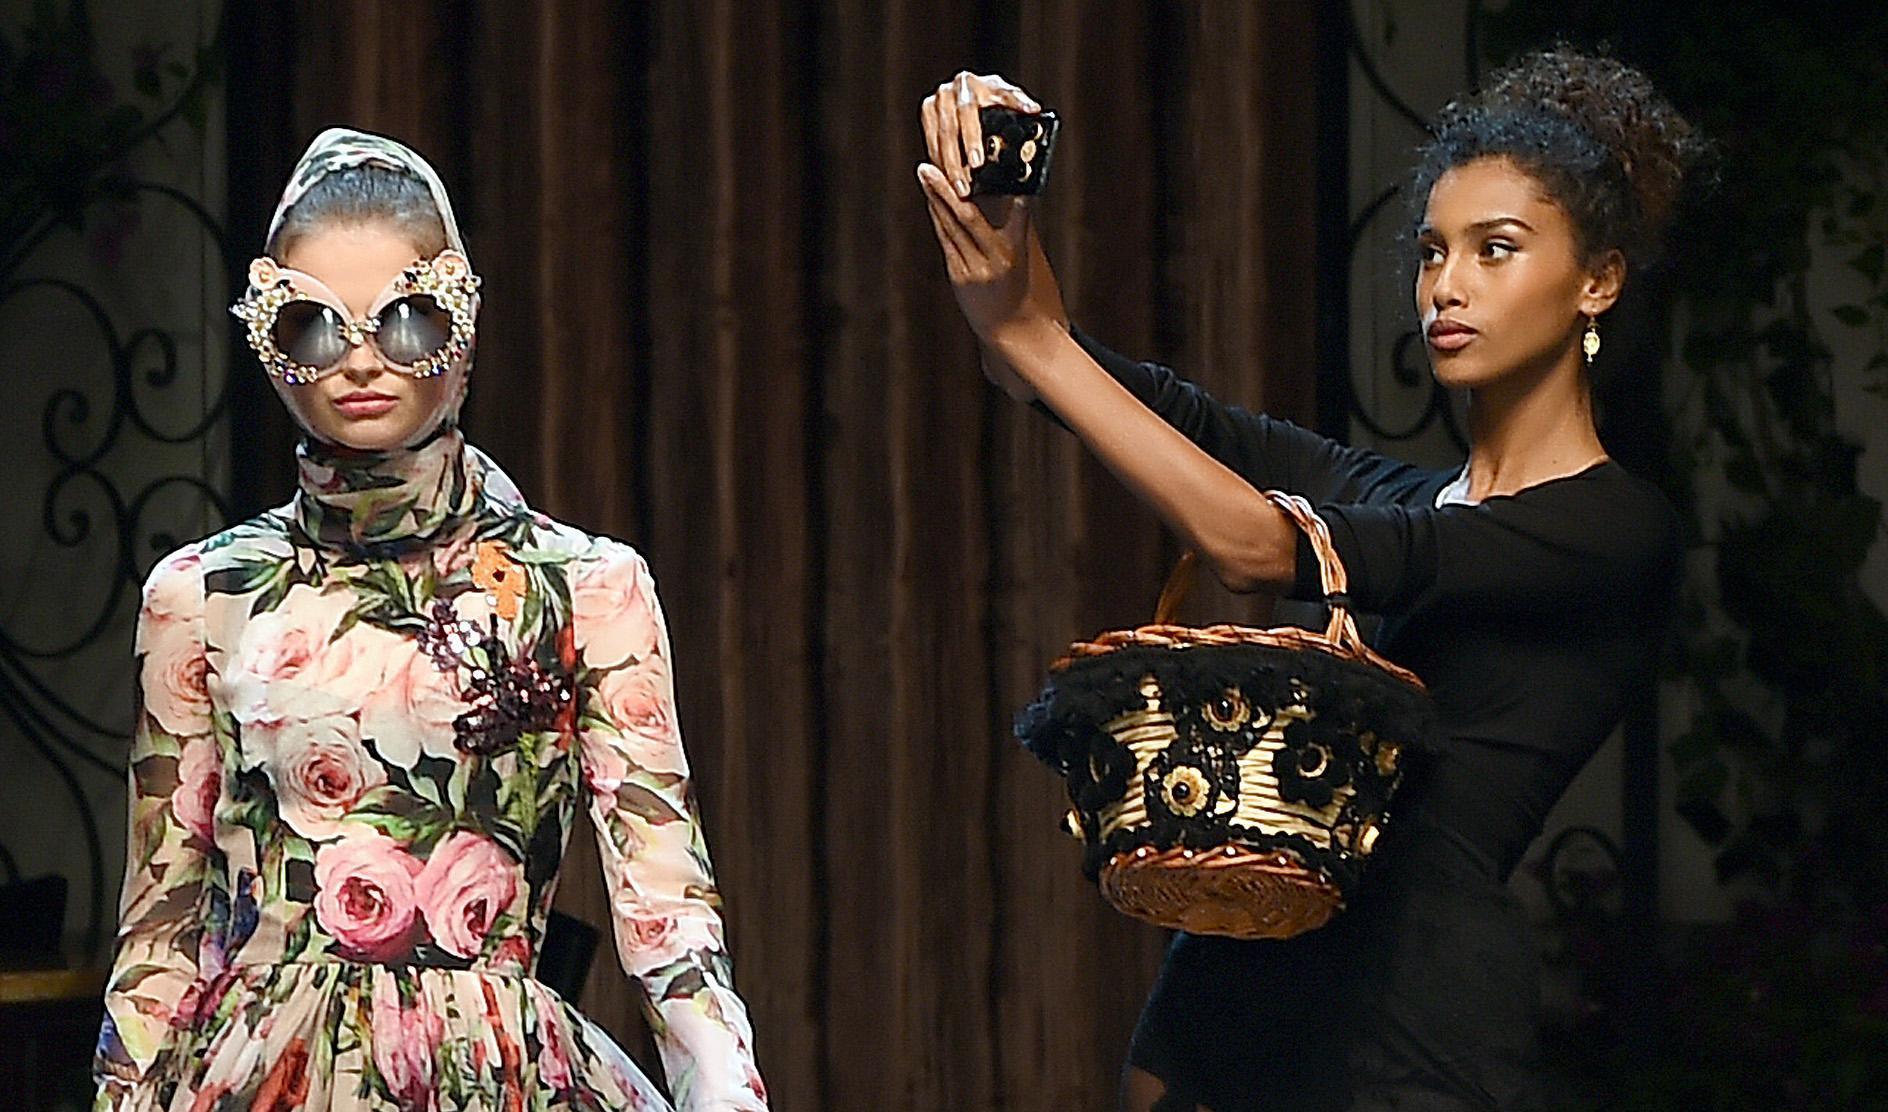 L Italia da selfie di Dolce   Gabbana - Gazzetta del Sud 70d009cd9cd